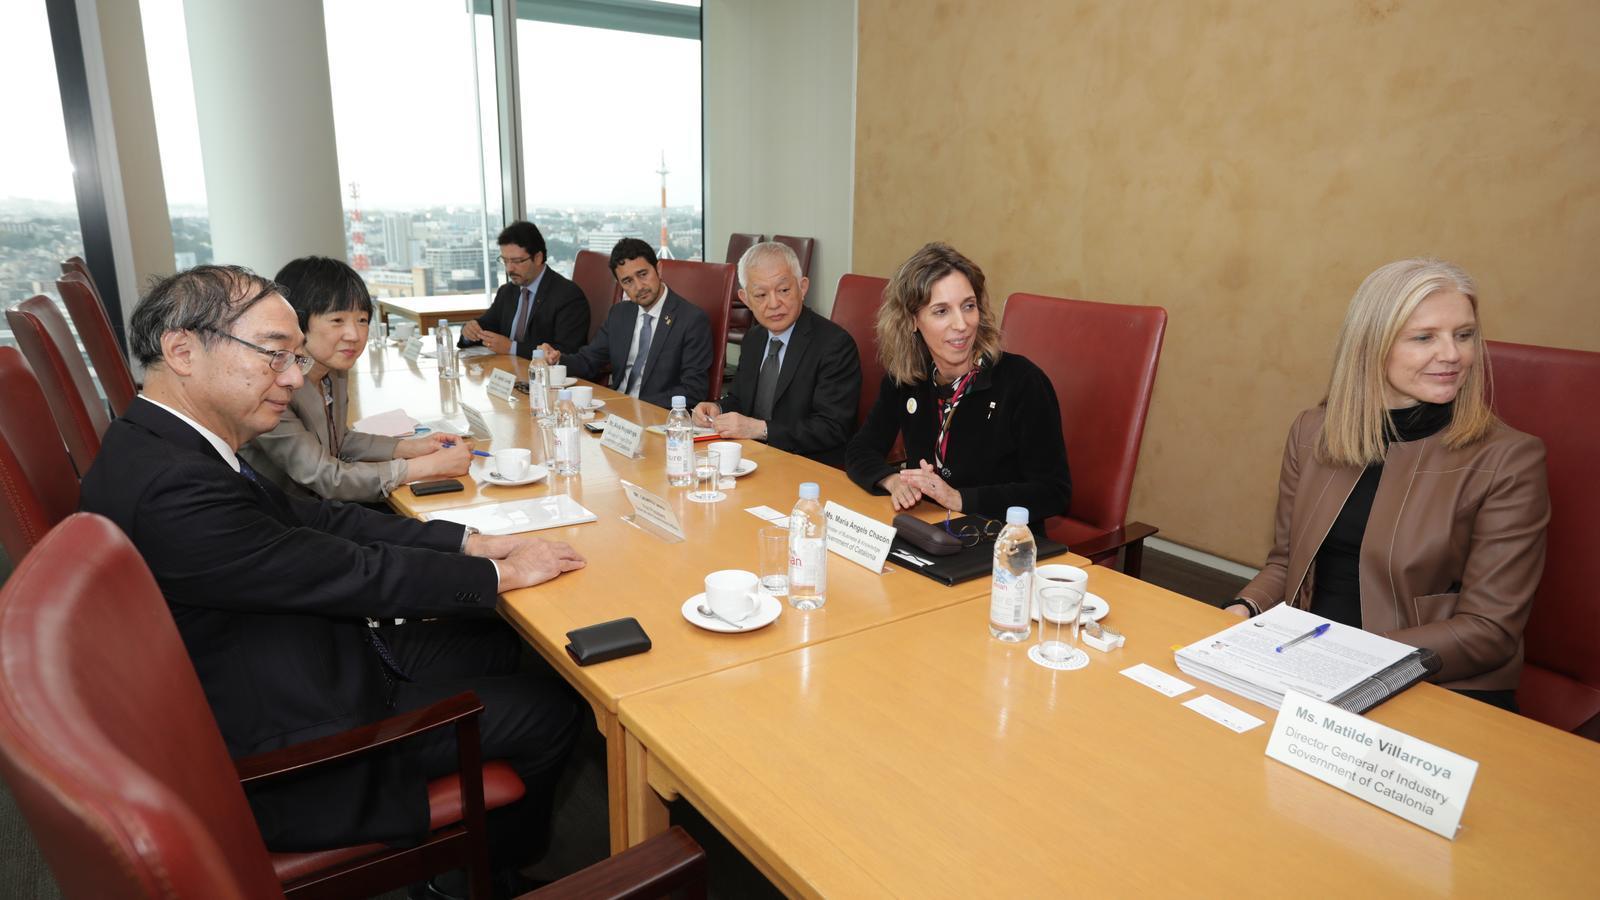 La consellera d'Empresa diu que Nissan li ha refermat el compromís amb la planta de Barcelona